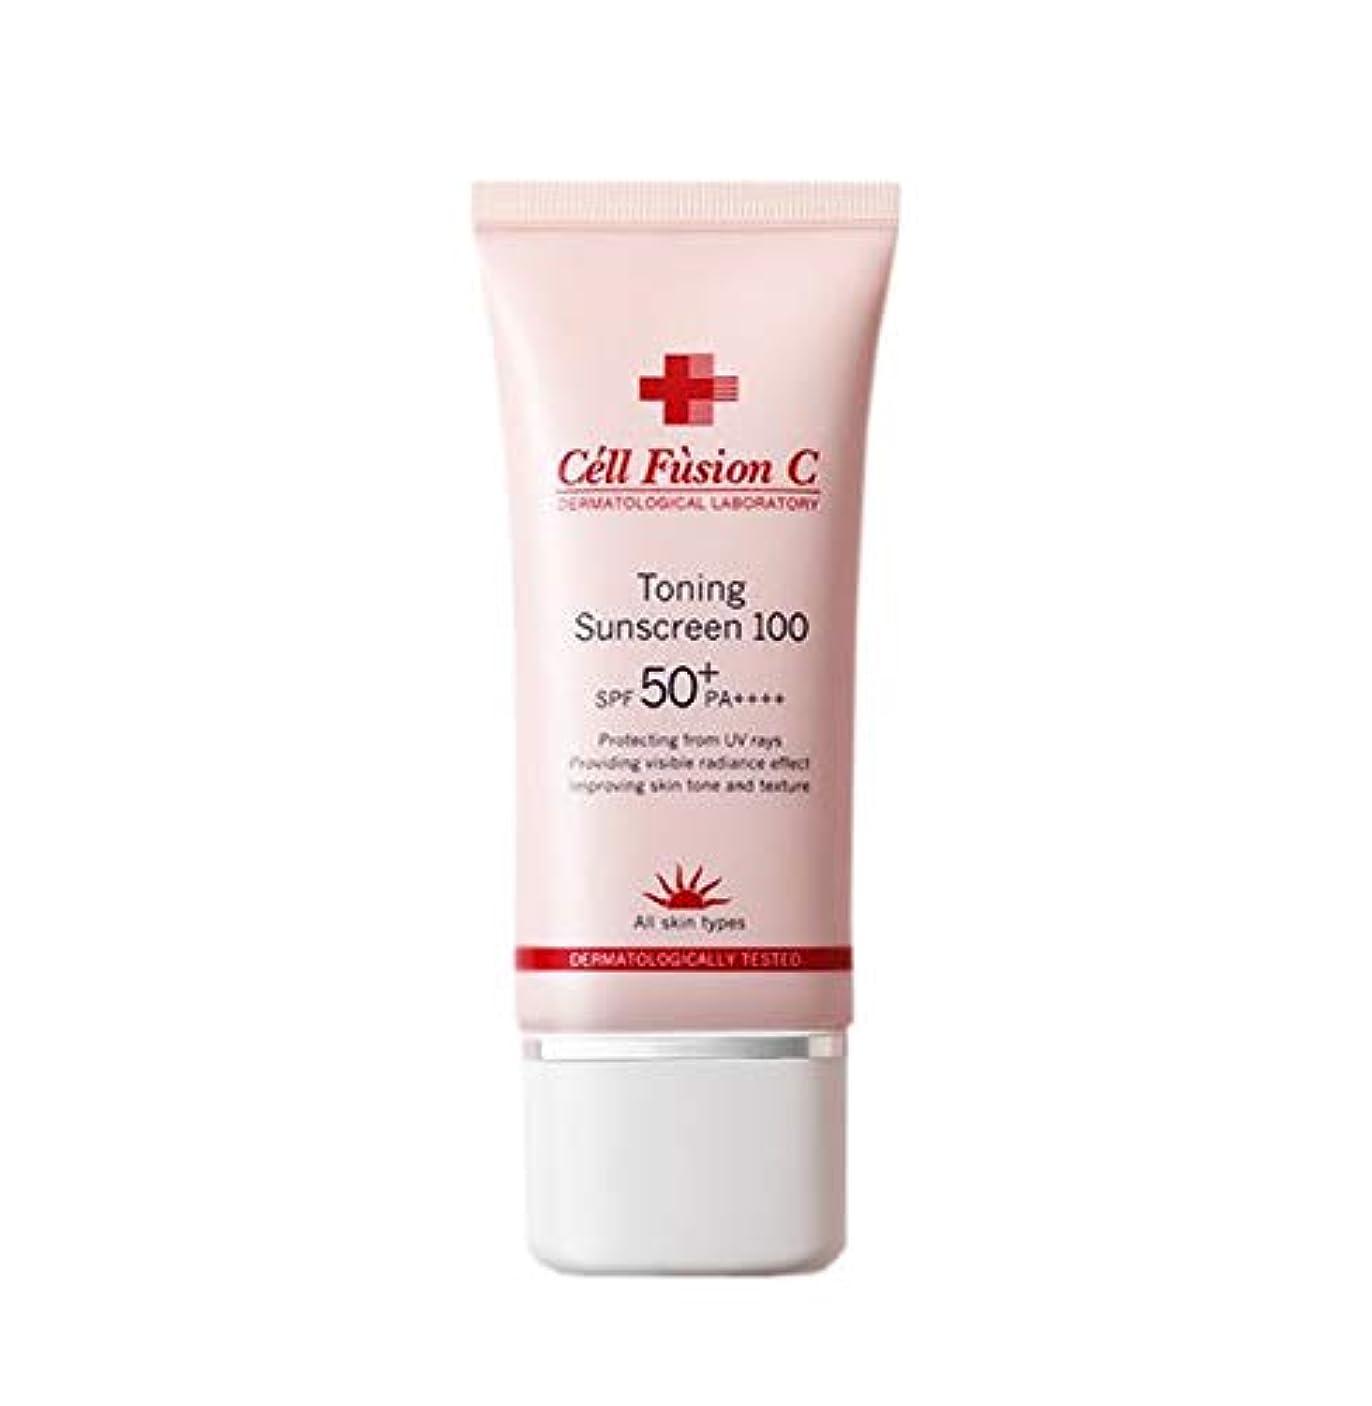 山積みの却下する権威セルフュージョンCトーニングサンスクリーン Cell Fusion C Toning Sunscreen 100 (35ml) SPF 50+ / PA ++++ 韓国日焼け止め